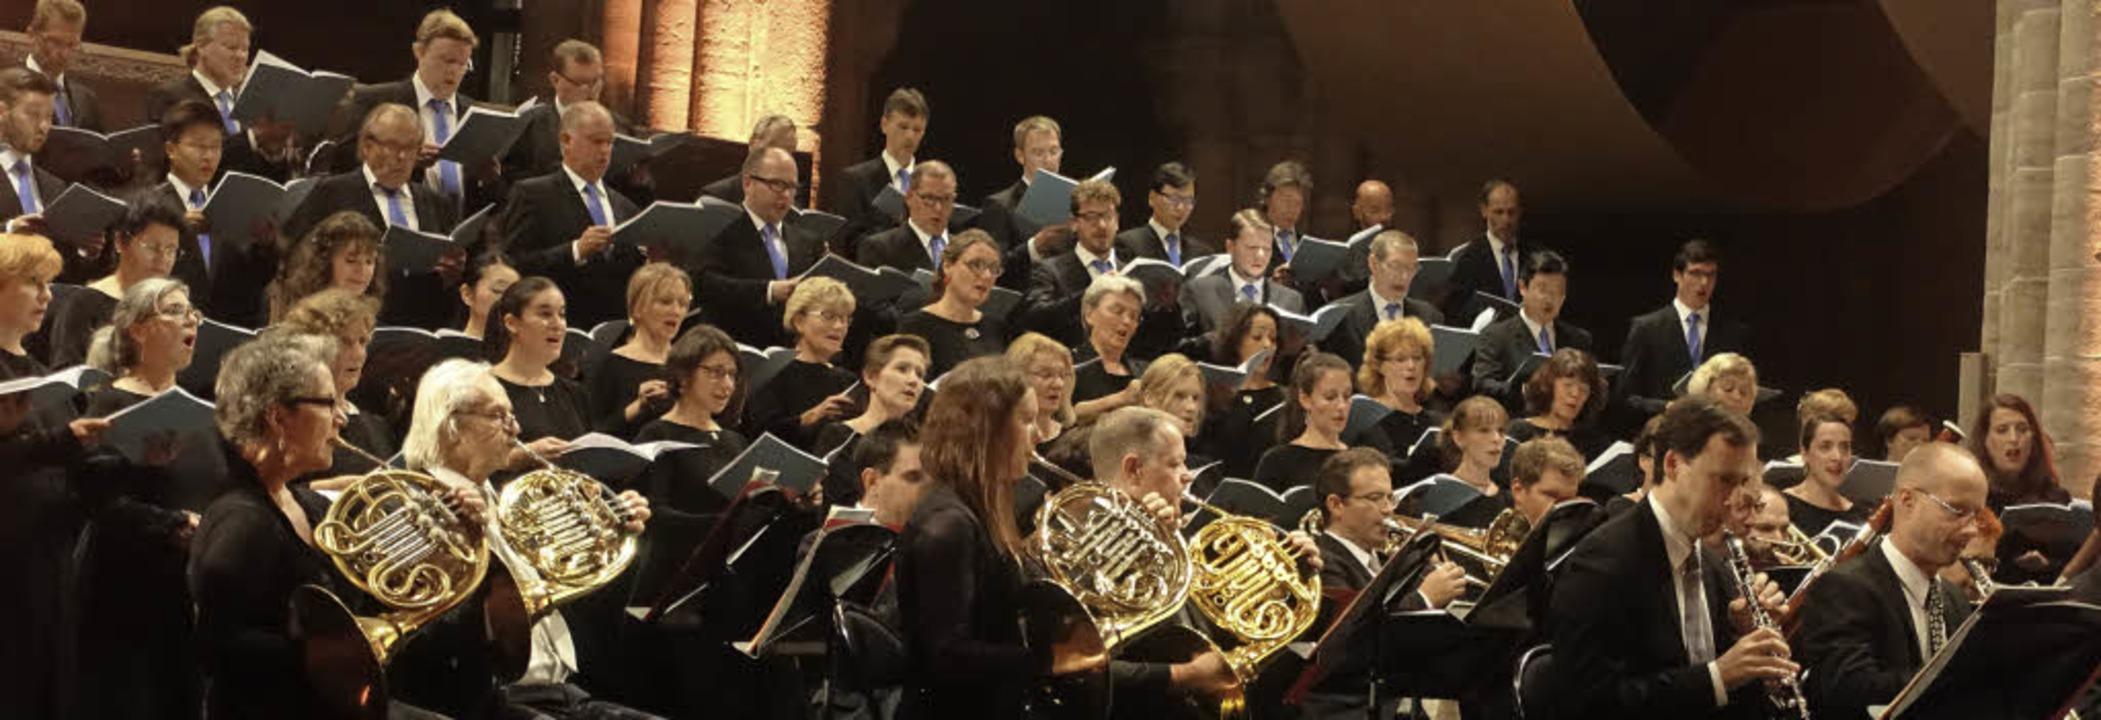 Der Auftakt des Basler Sinfonieorchest...gleichzeitig Auftakt des Orgelfestes.   | Foto: Roswitha Frey